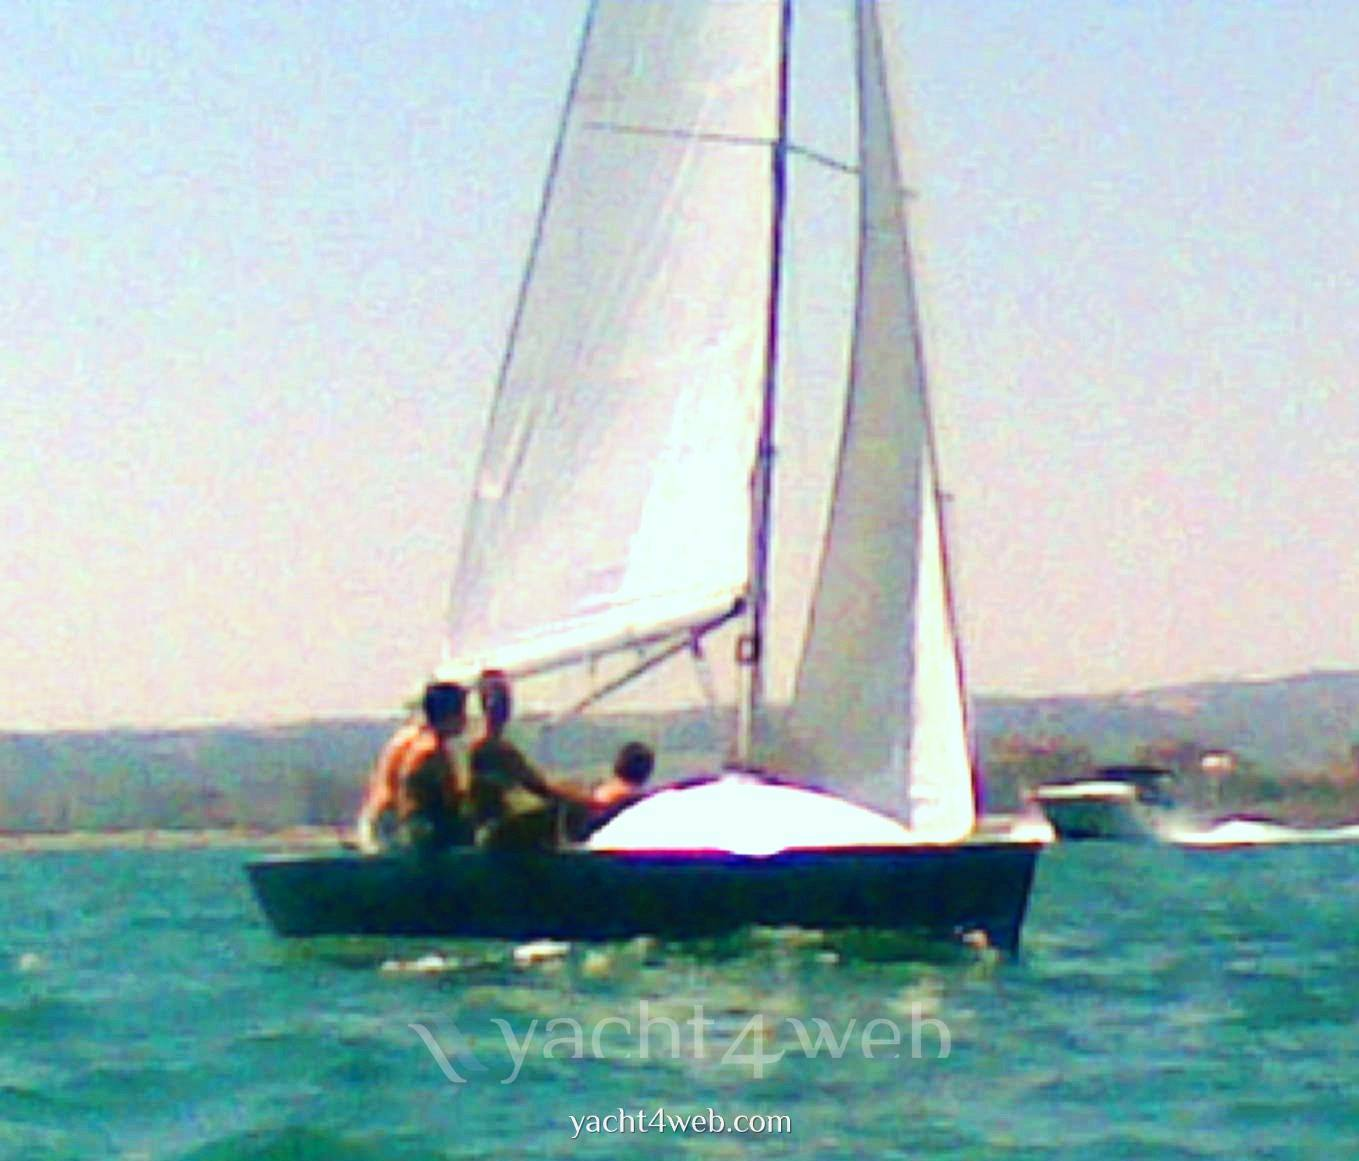 Mastro-d-ascia Spectre 20 day sailer